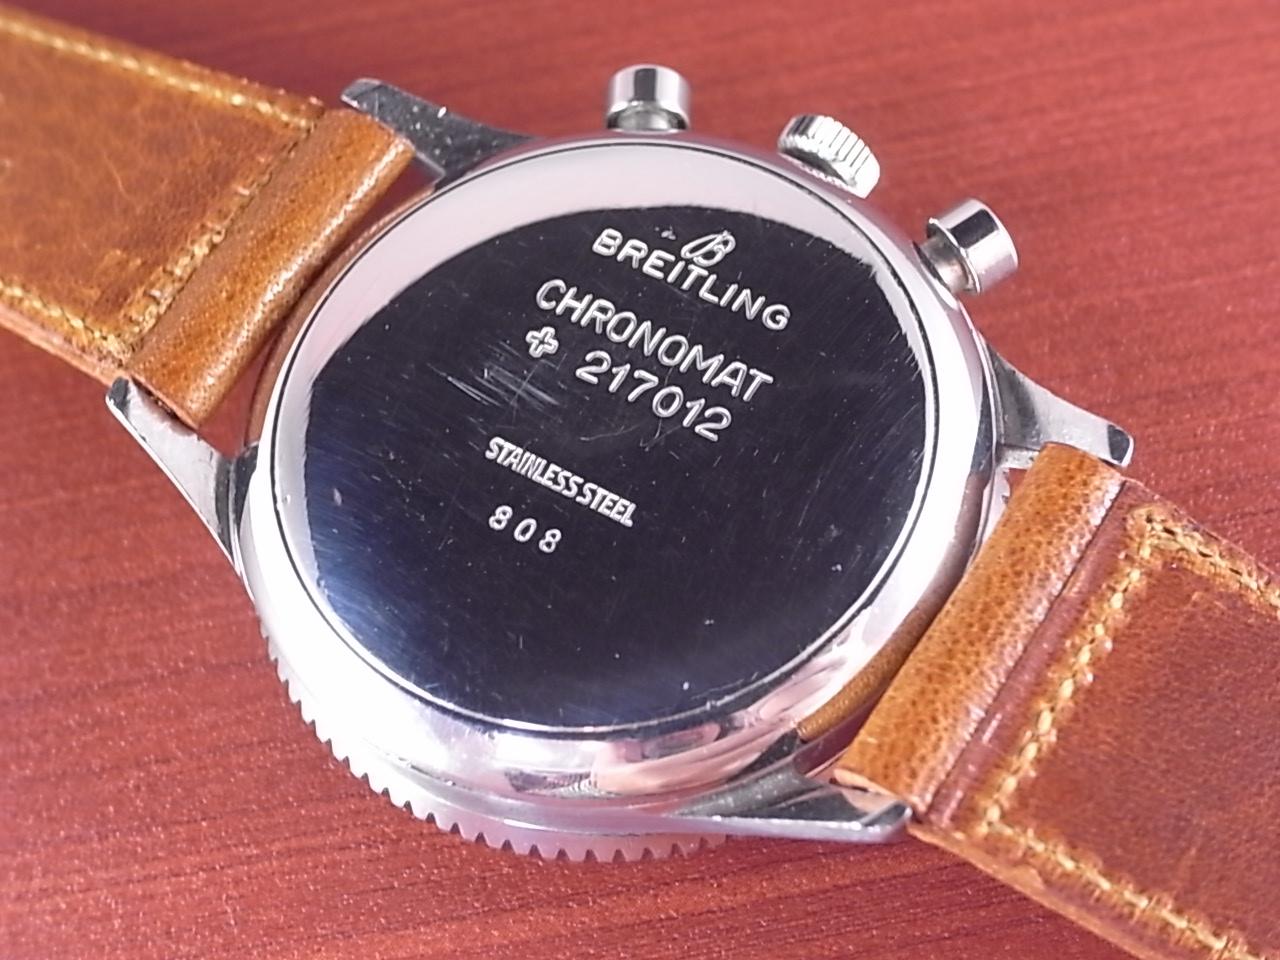 ブライトリング クロノマット セカンド Ref.808 1960年代の写真4枚目